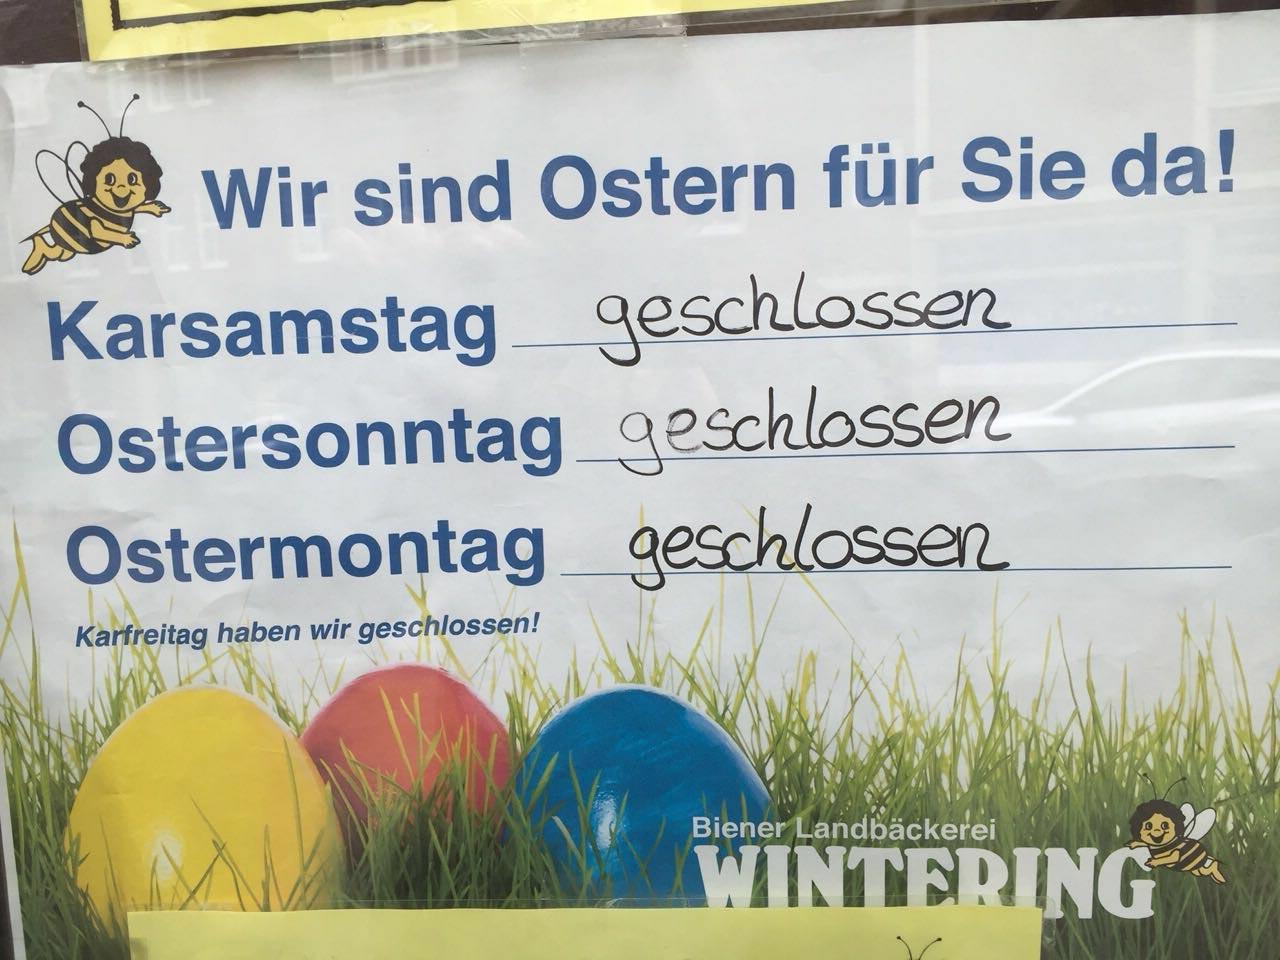 Bilderparade CCCLXXXIX LangweileDich.net_Bilderparade_CCCLXXXIX_01